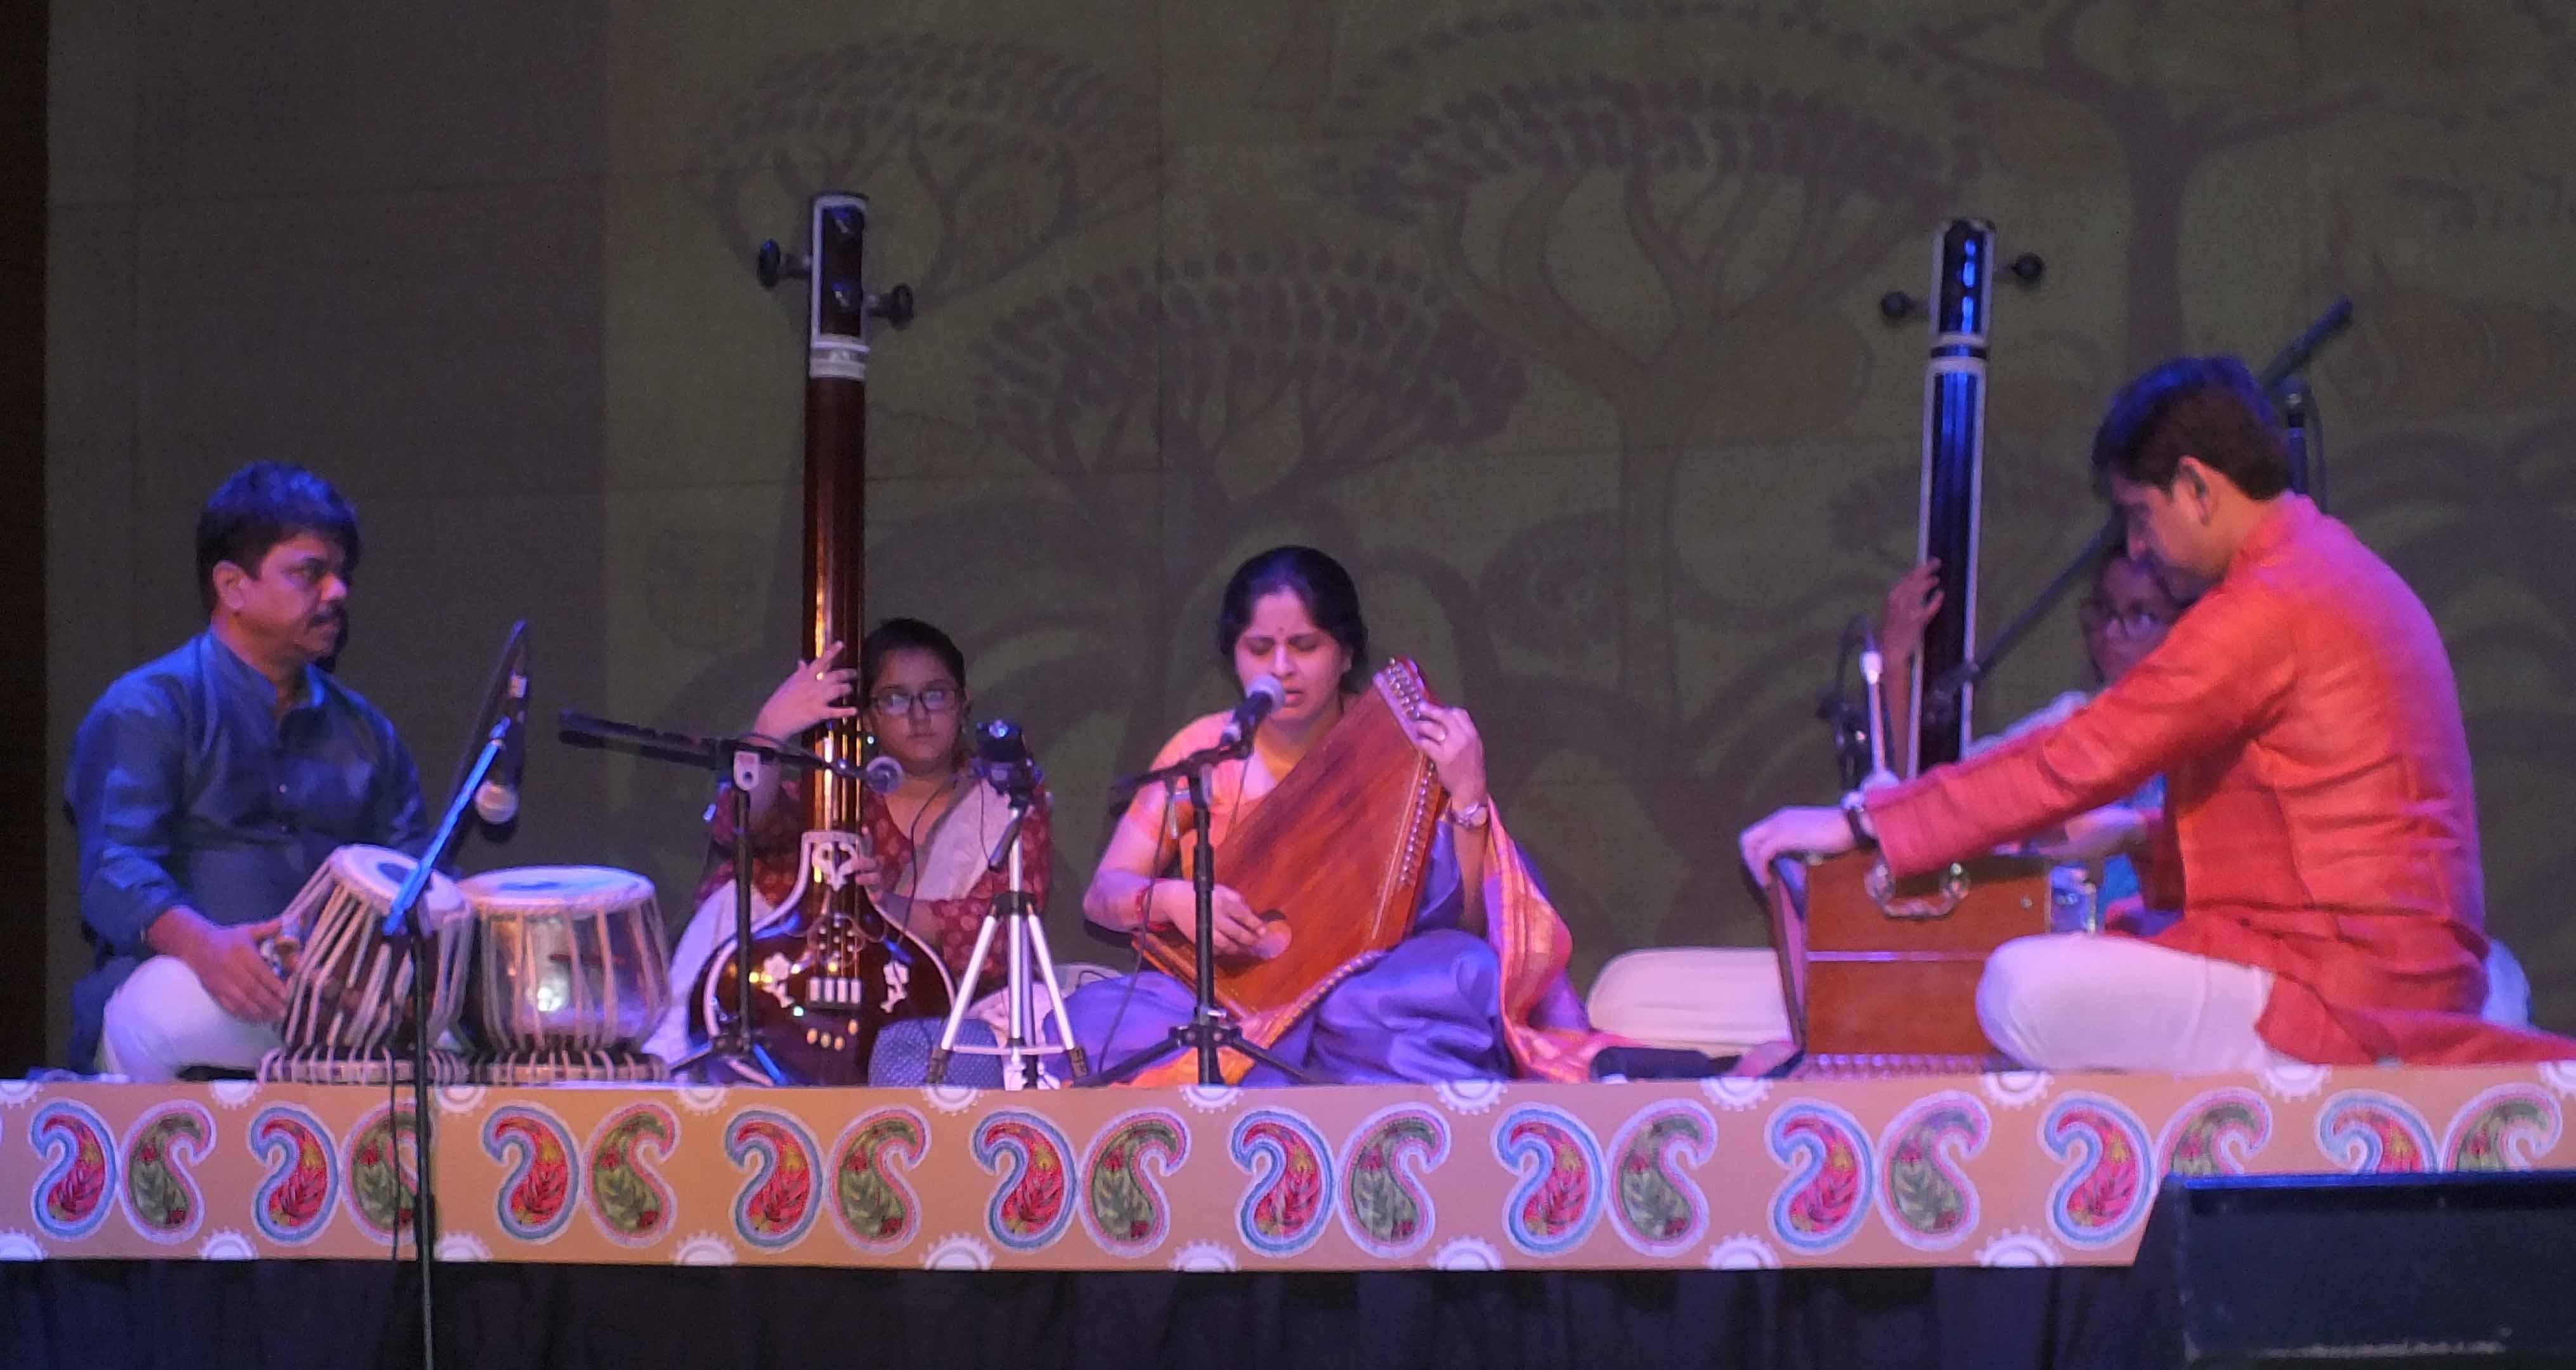 Music presented in 'Varsha Ritu Sangeet Sandhya' delighted the audience